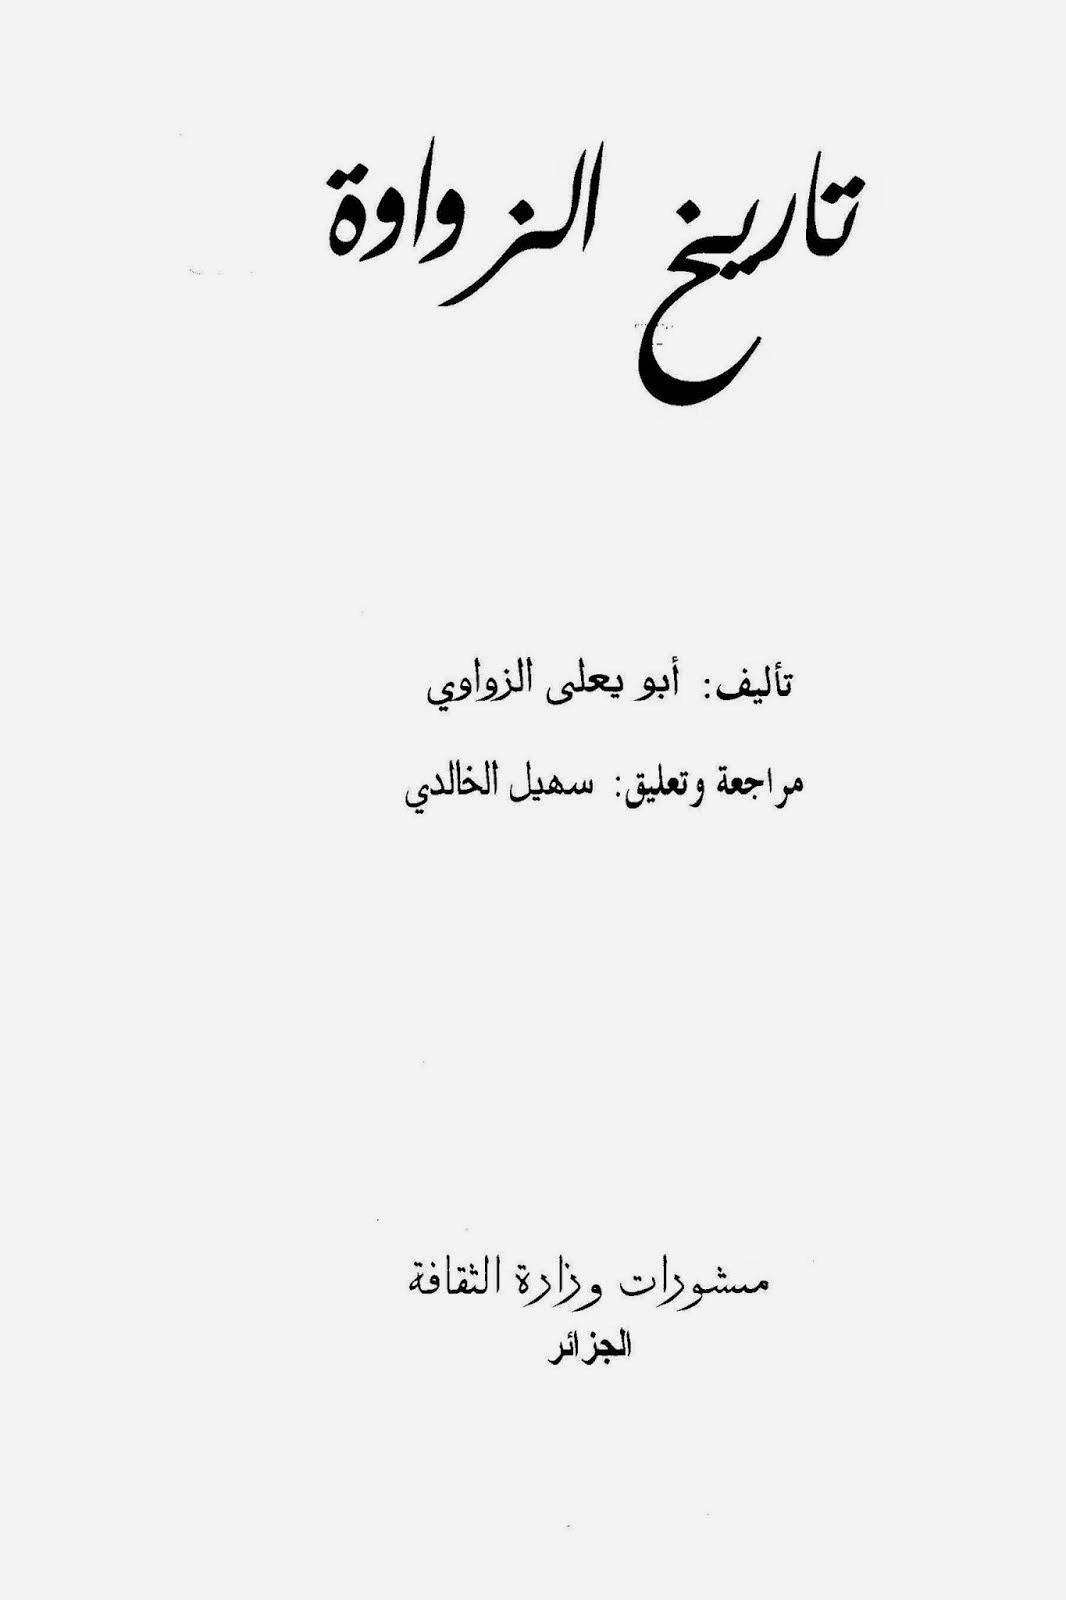 كتاب تاريخ الزواوة لـ أبو يعلى الزواوي